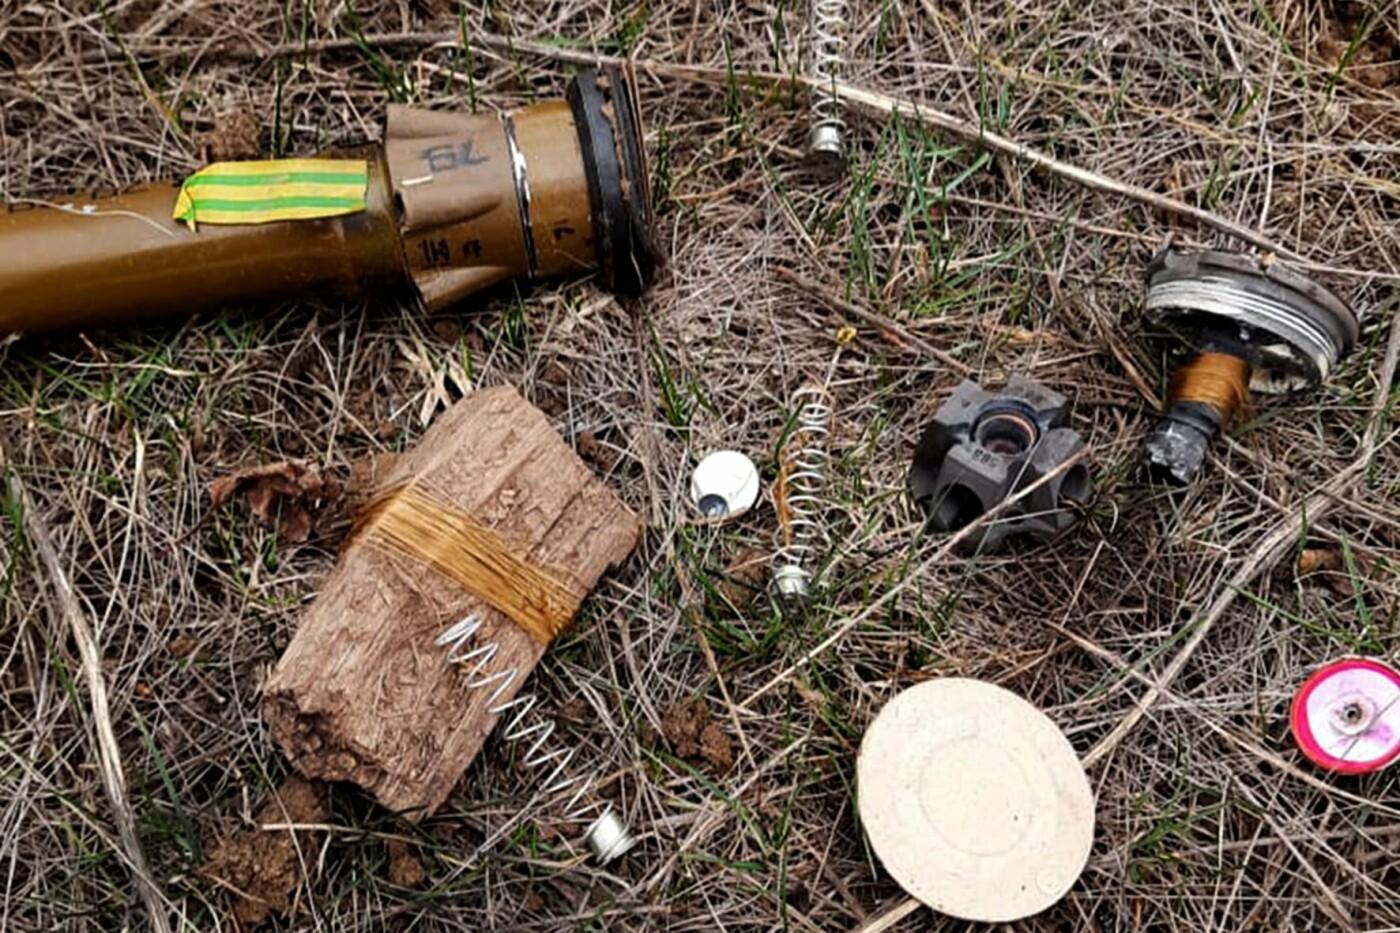 Миссия ОБСЕ за два дня выявила более двух тысяч мин на востоке Украины, - ФОТО, фото-1